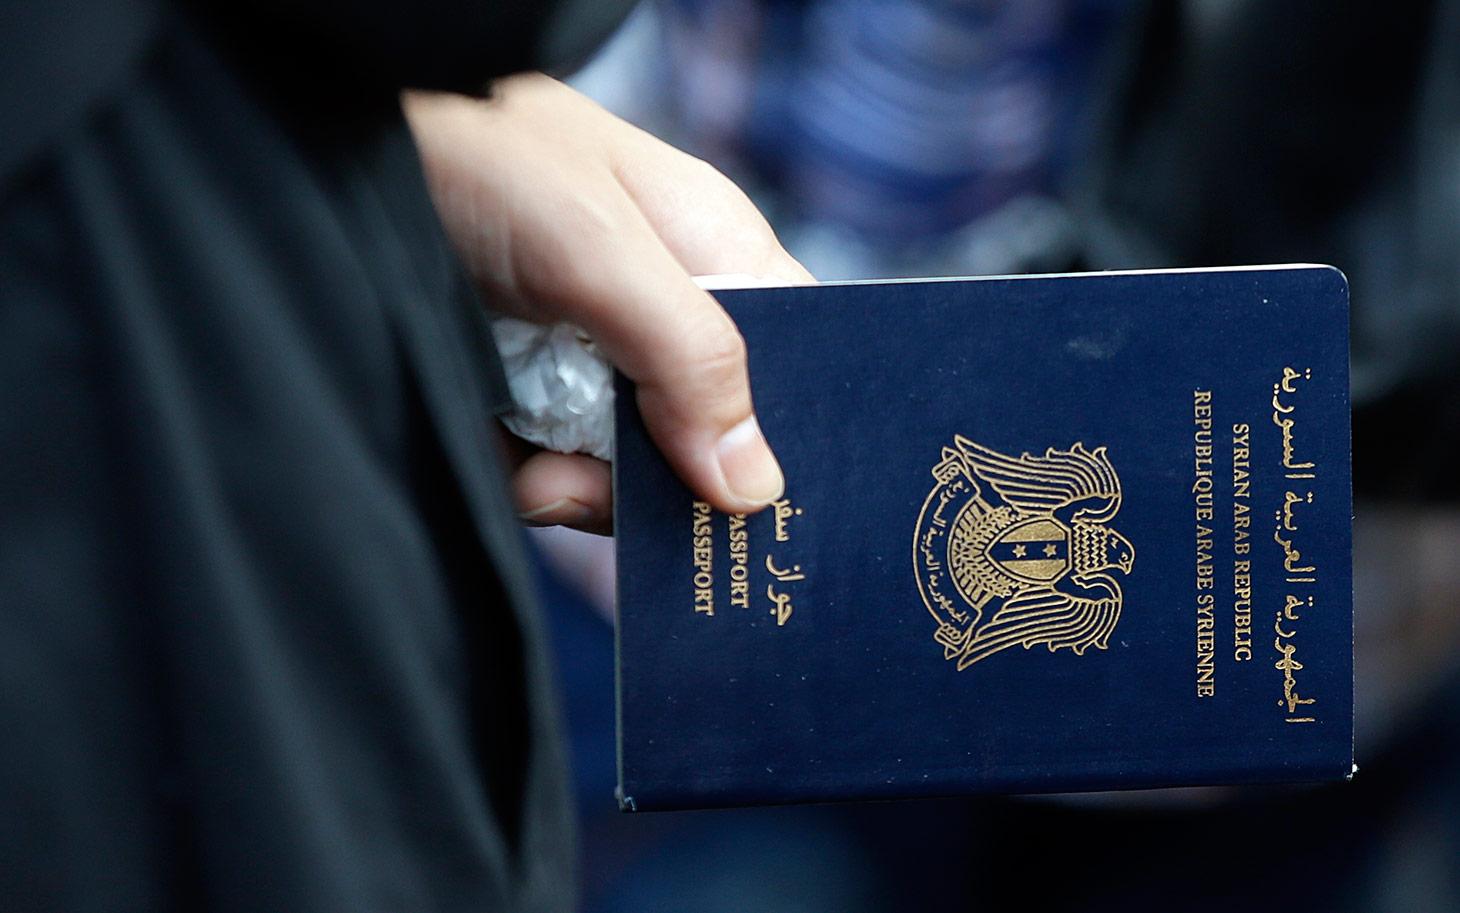 حجز صور مع تنظيمات جهادية واتهام 7 سوريين بتزوير جوزات السفر والدخول إلى المغرب بطريقة غير مشروعة